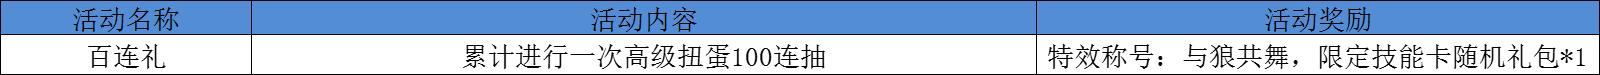 钻石百连.png